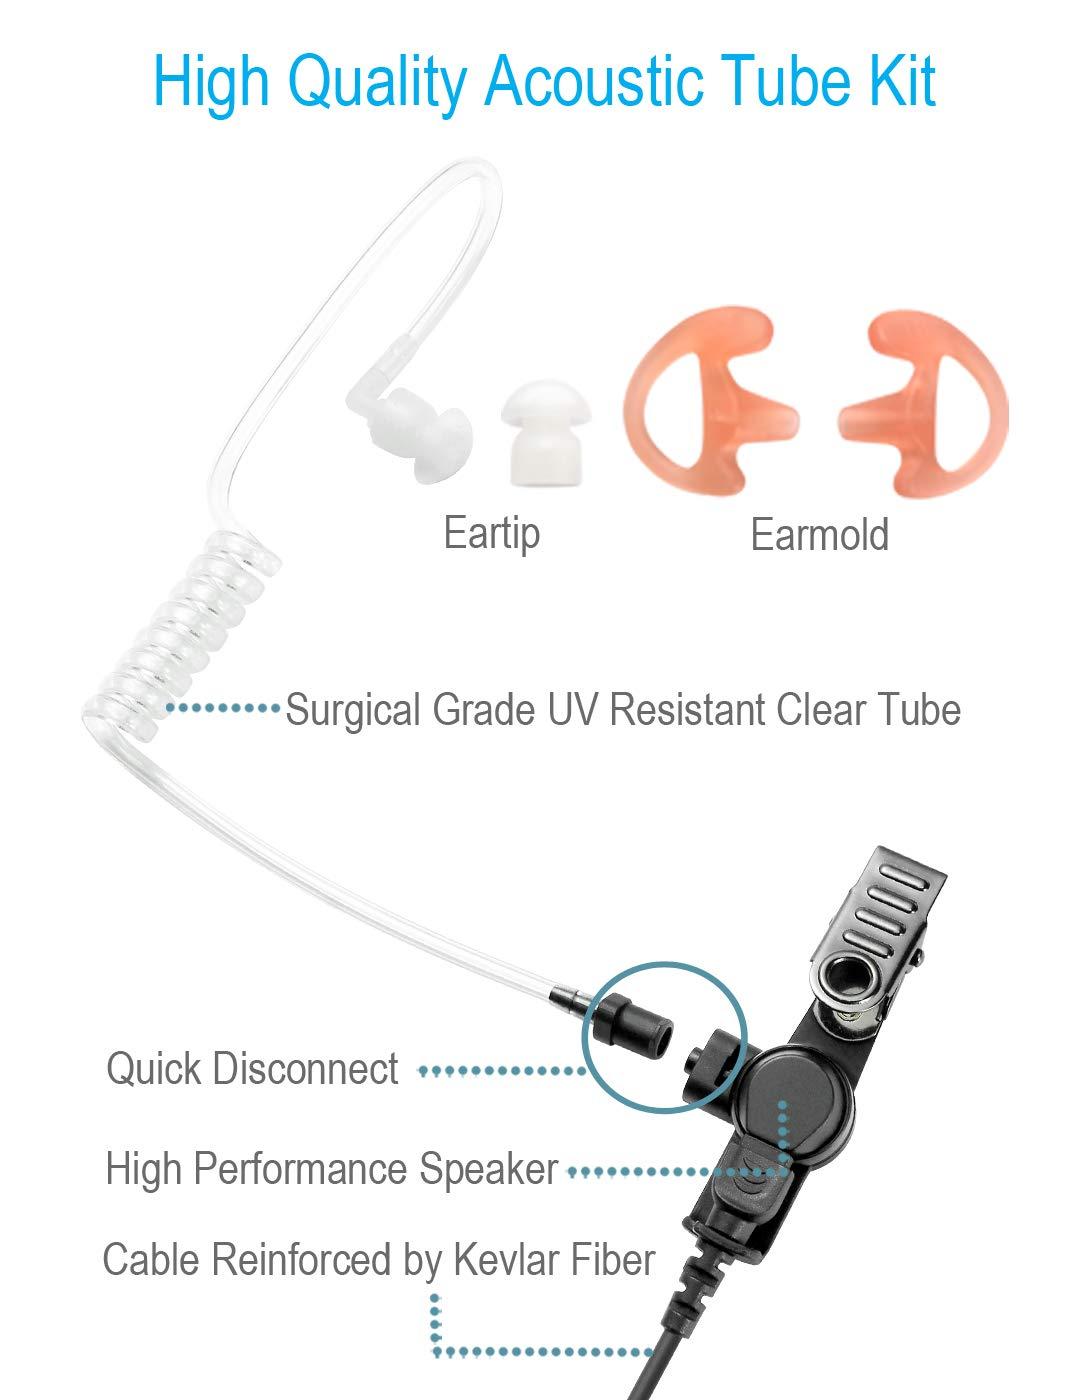 Auricular de un Solo Cable con Cable Alargado para Personas Altas, Compatible con Motorola Radios APX4000 APX6000 APX7000 APX8000 XPR 6350 XPR6550 XPR7350 XPR7550 XPR7350e XPR7550e APX 6000 7000 4000: Amazon.es: Electrónica